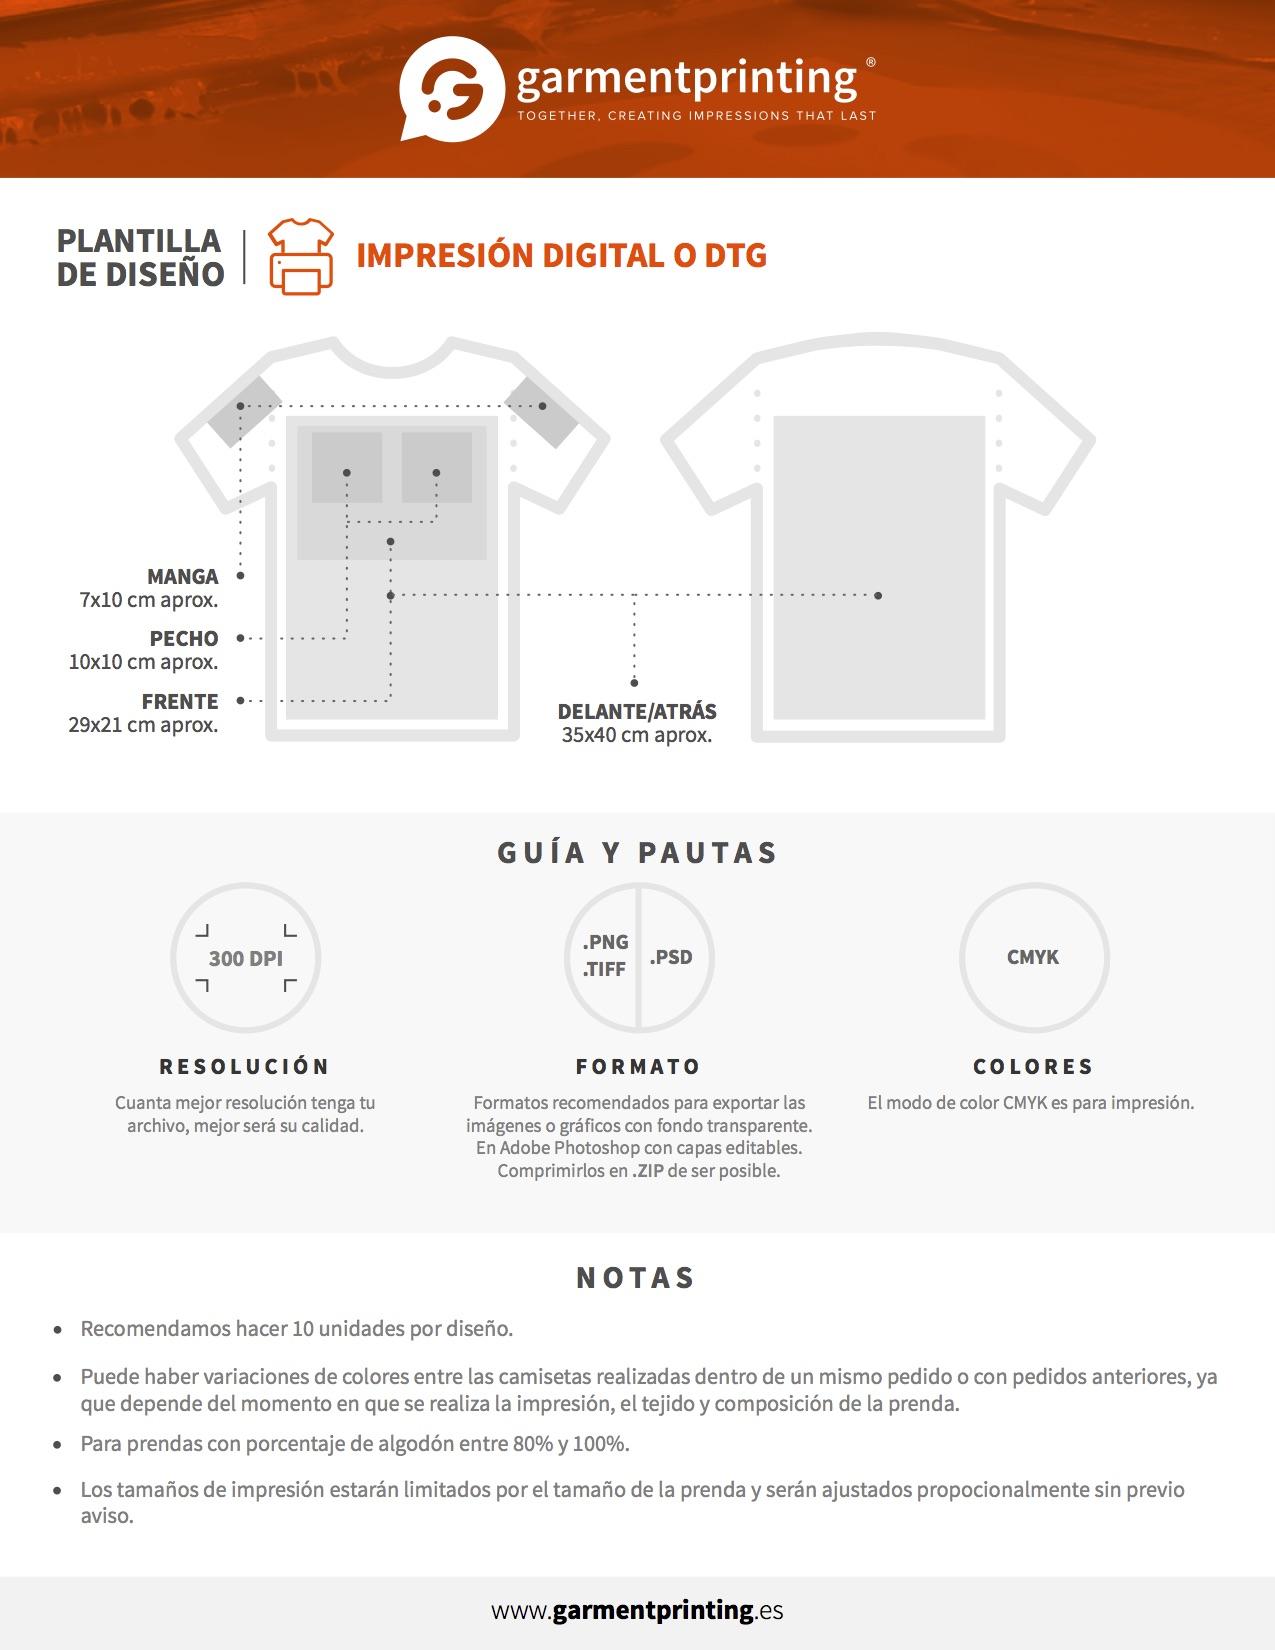 Pautas de impresión - Impresión Digital o DGT